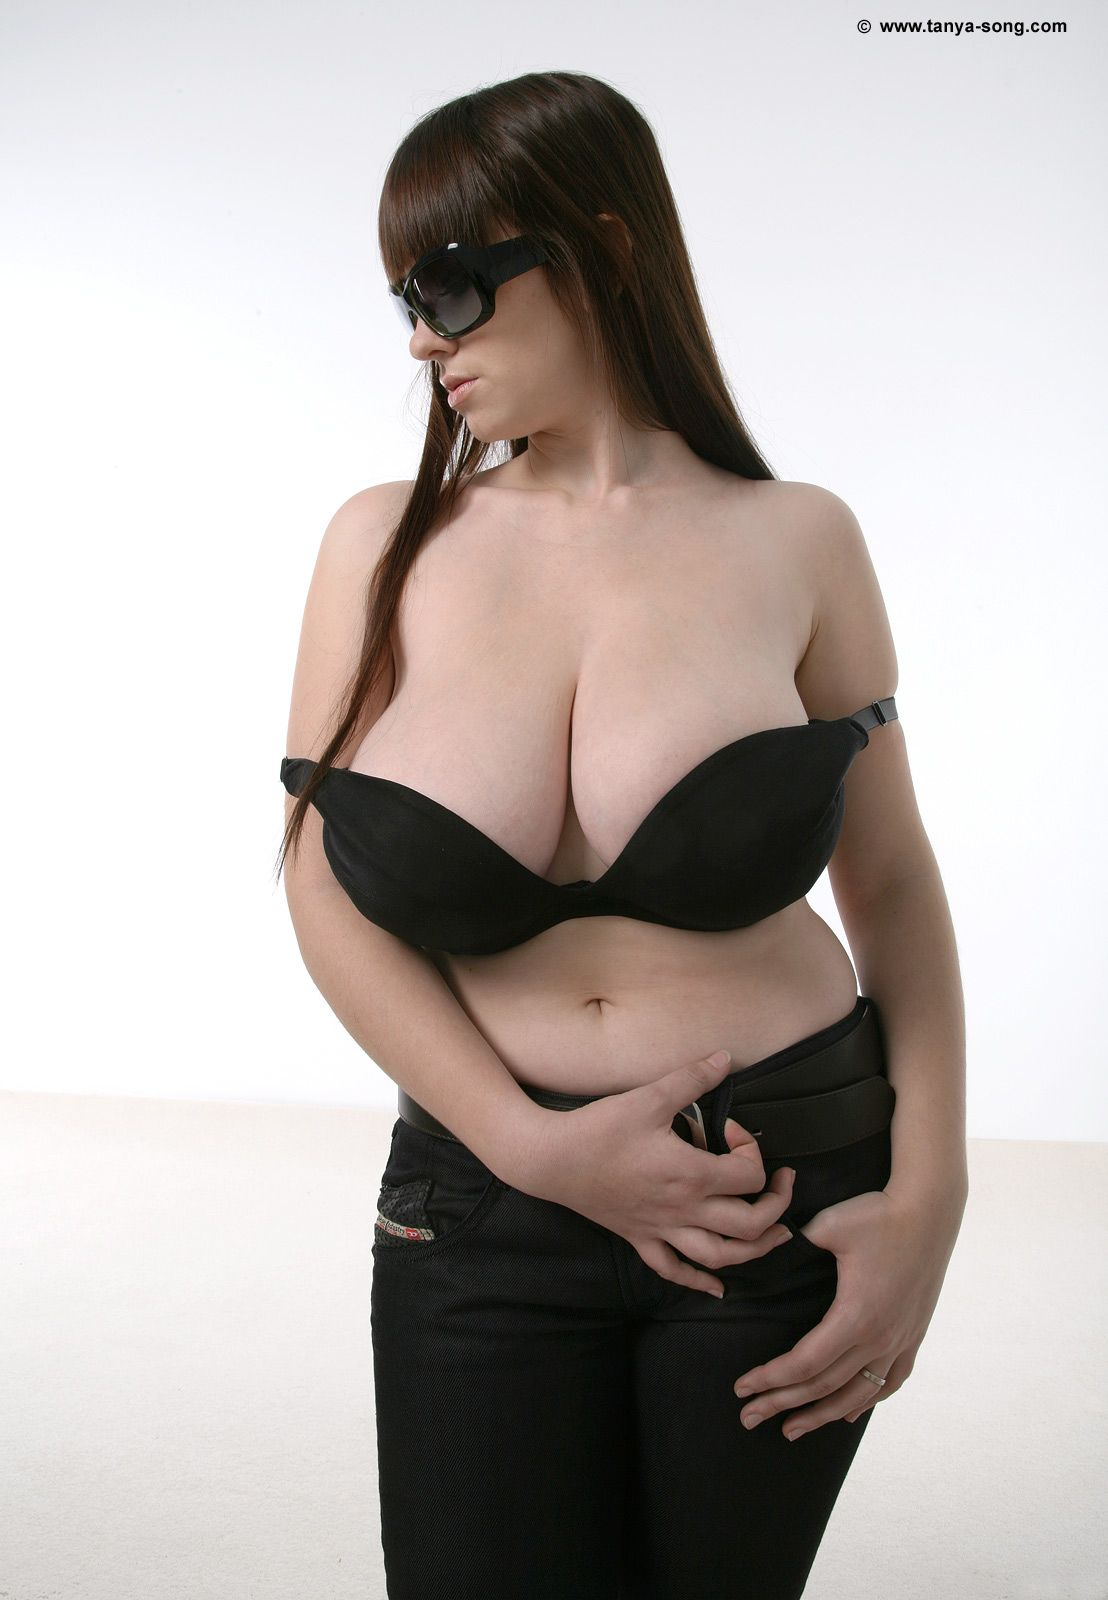 Russian Women Russian Dating